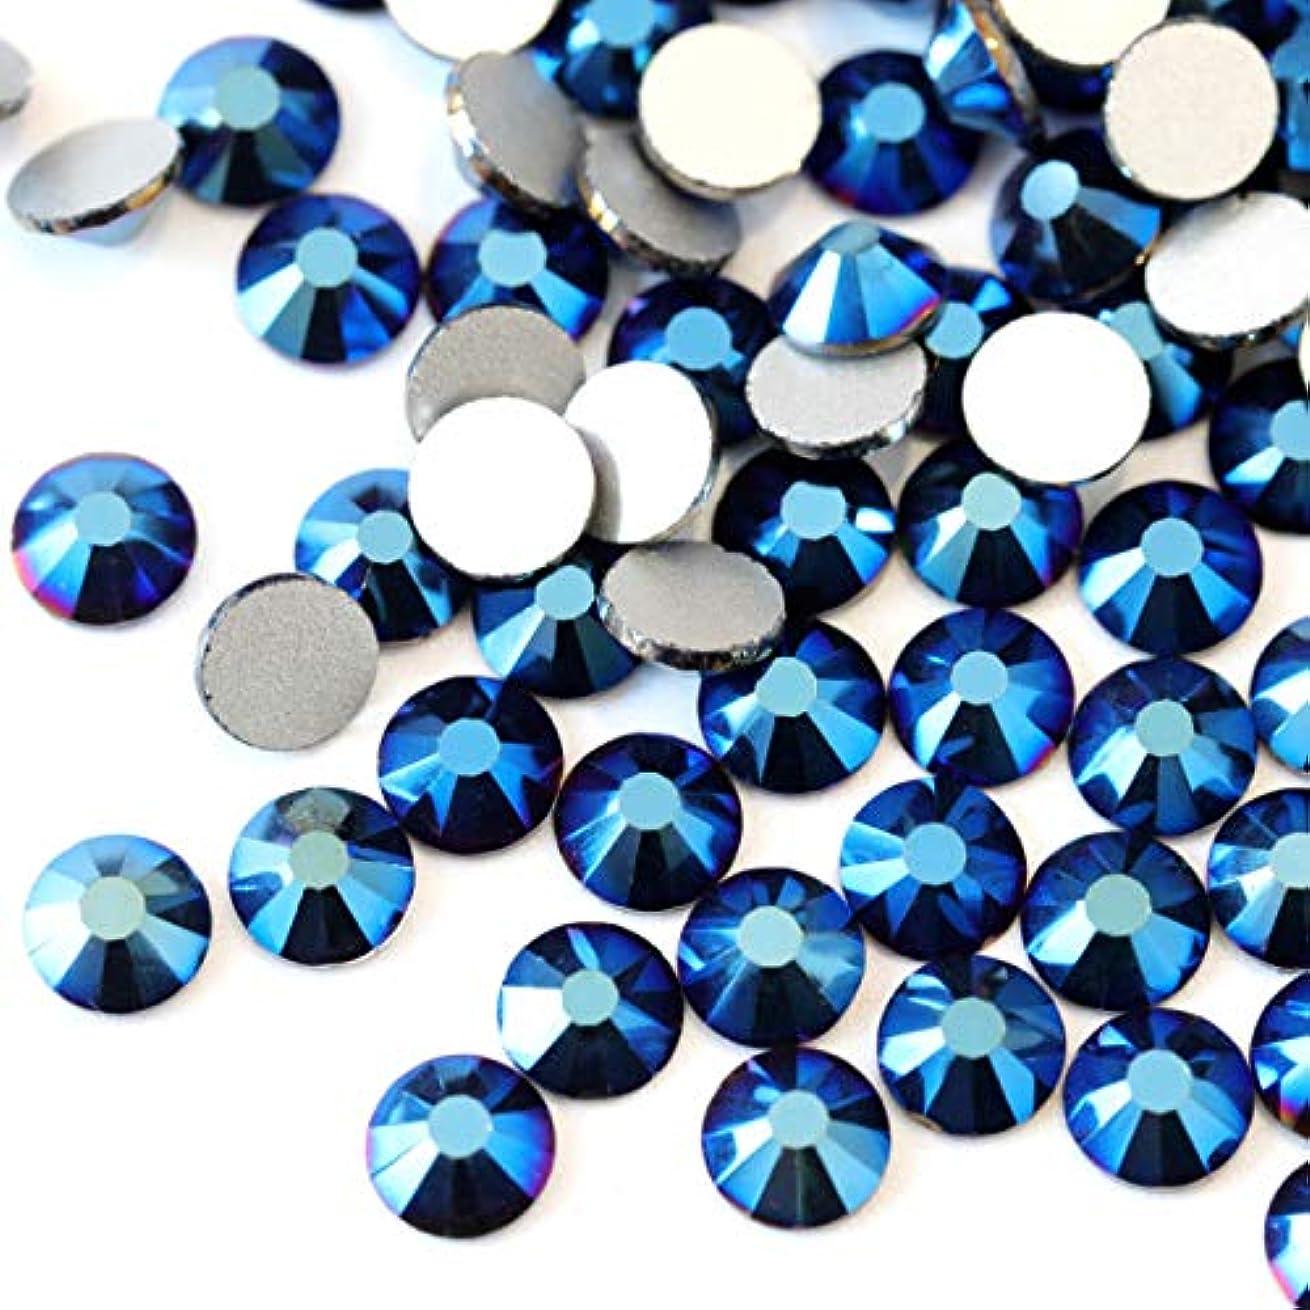 ハイライト融合練る【ラインストーン77】高品質ガラス製ラインストーン 色/サイズ選択可 SS3~SS50 スワロフスキー同等 (メタリックブルー, SS12:約3.0mm(約200粒))